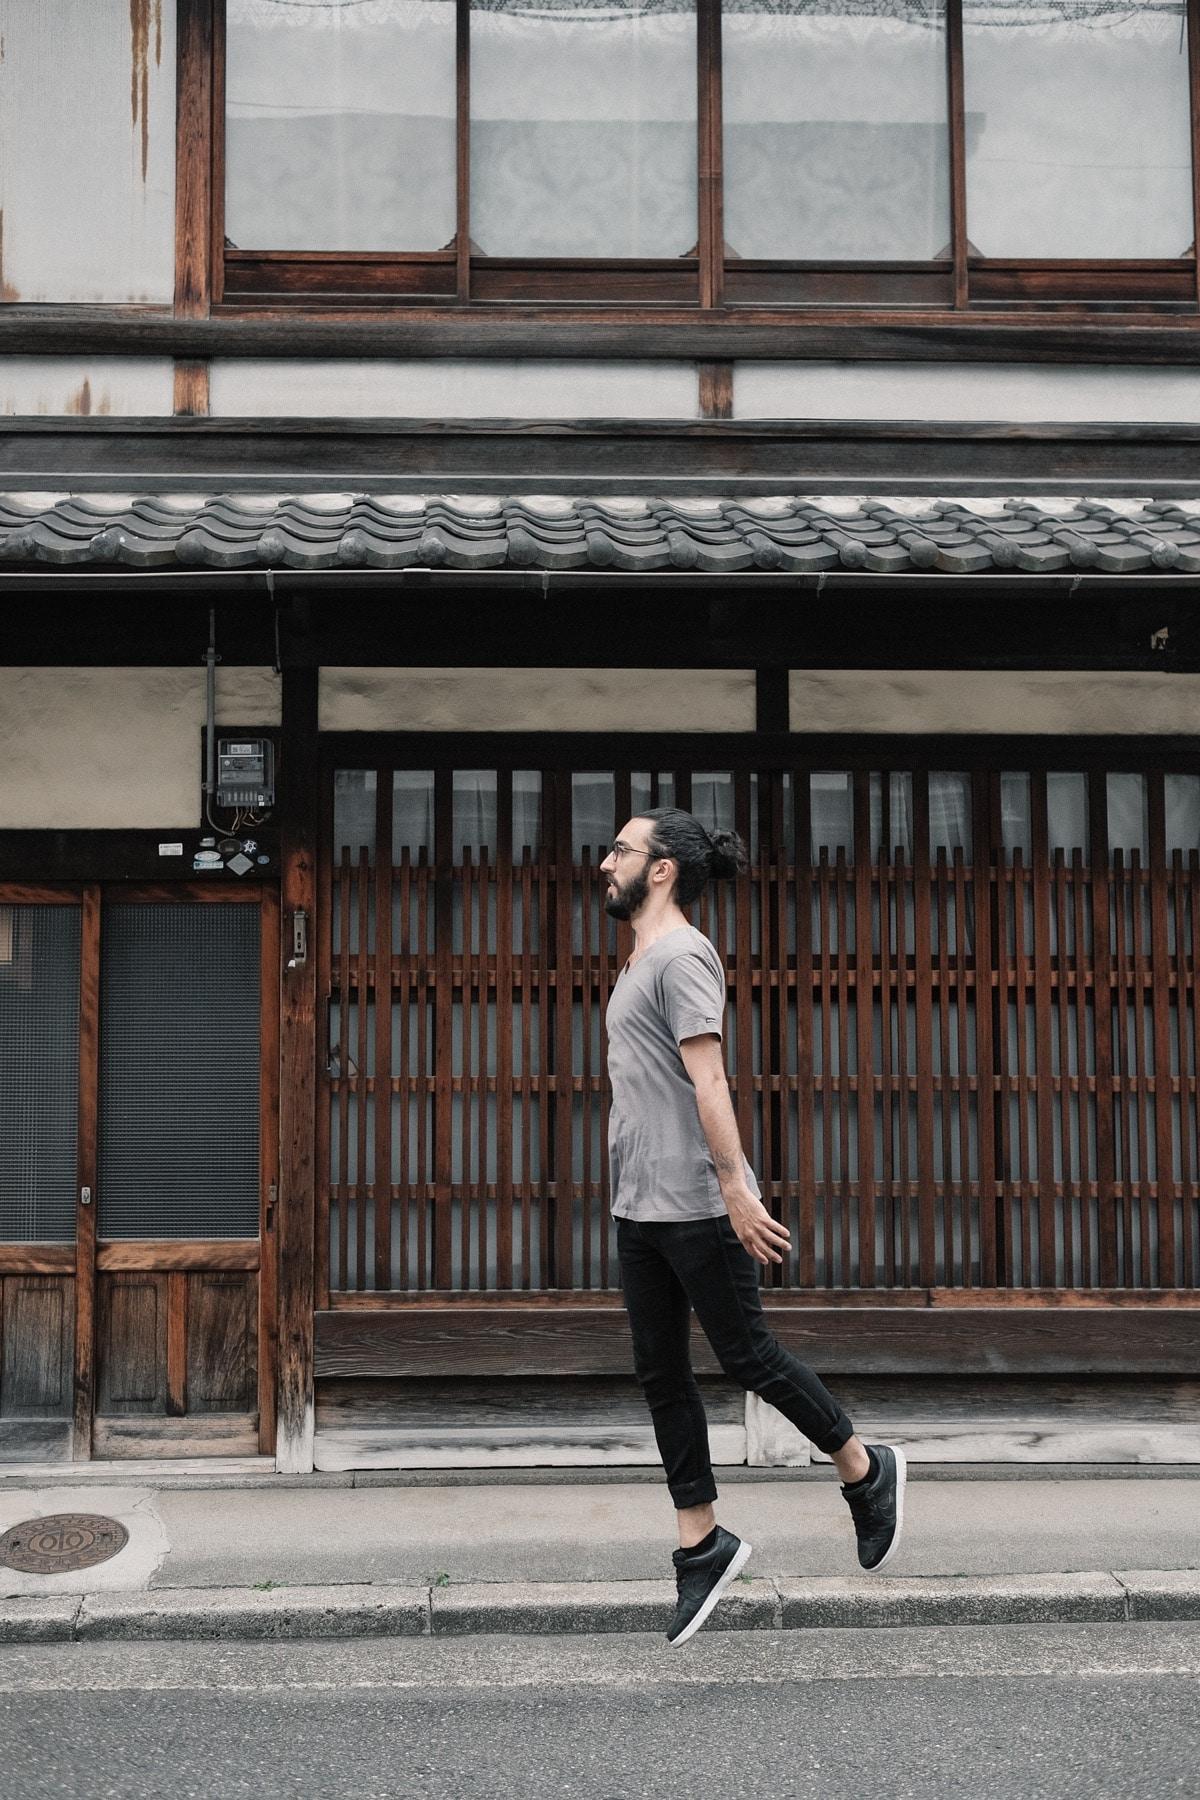 Kinlake-Kyoto-Lifestyle-2018-8689